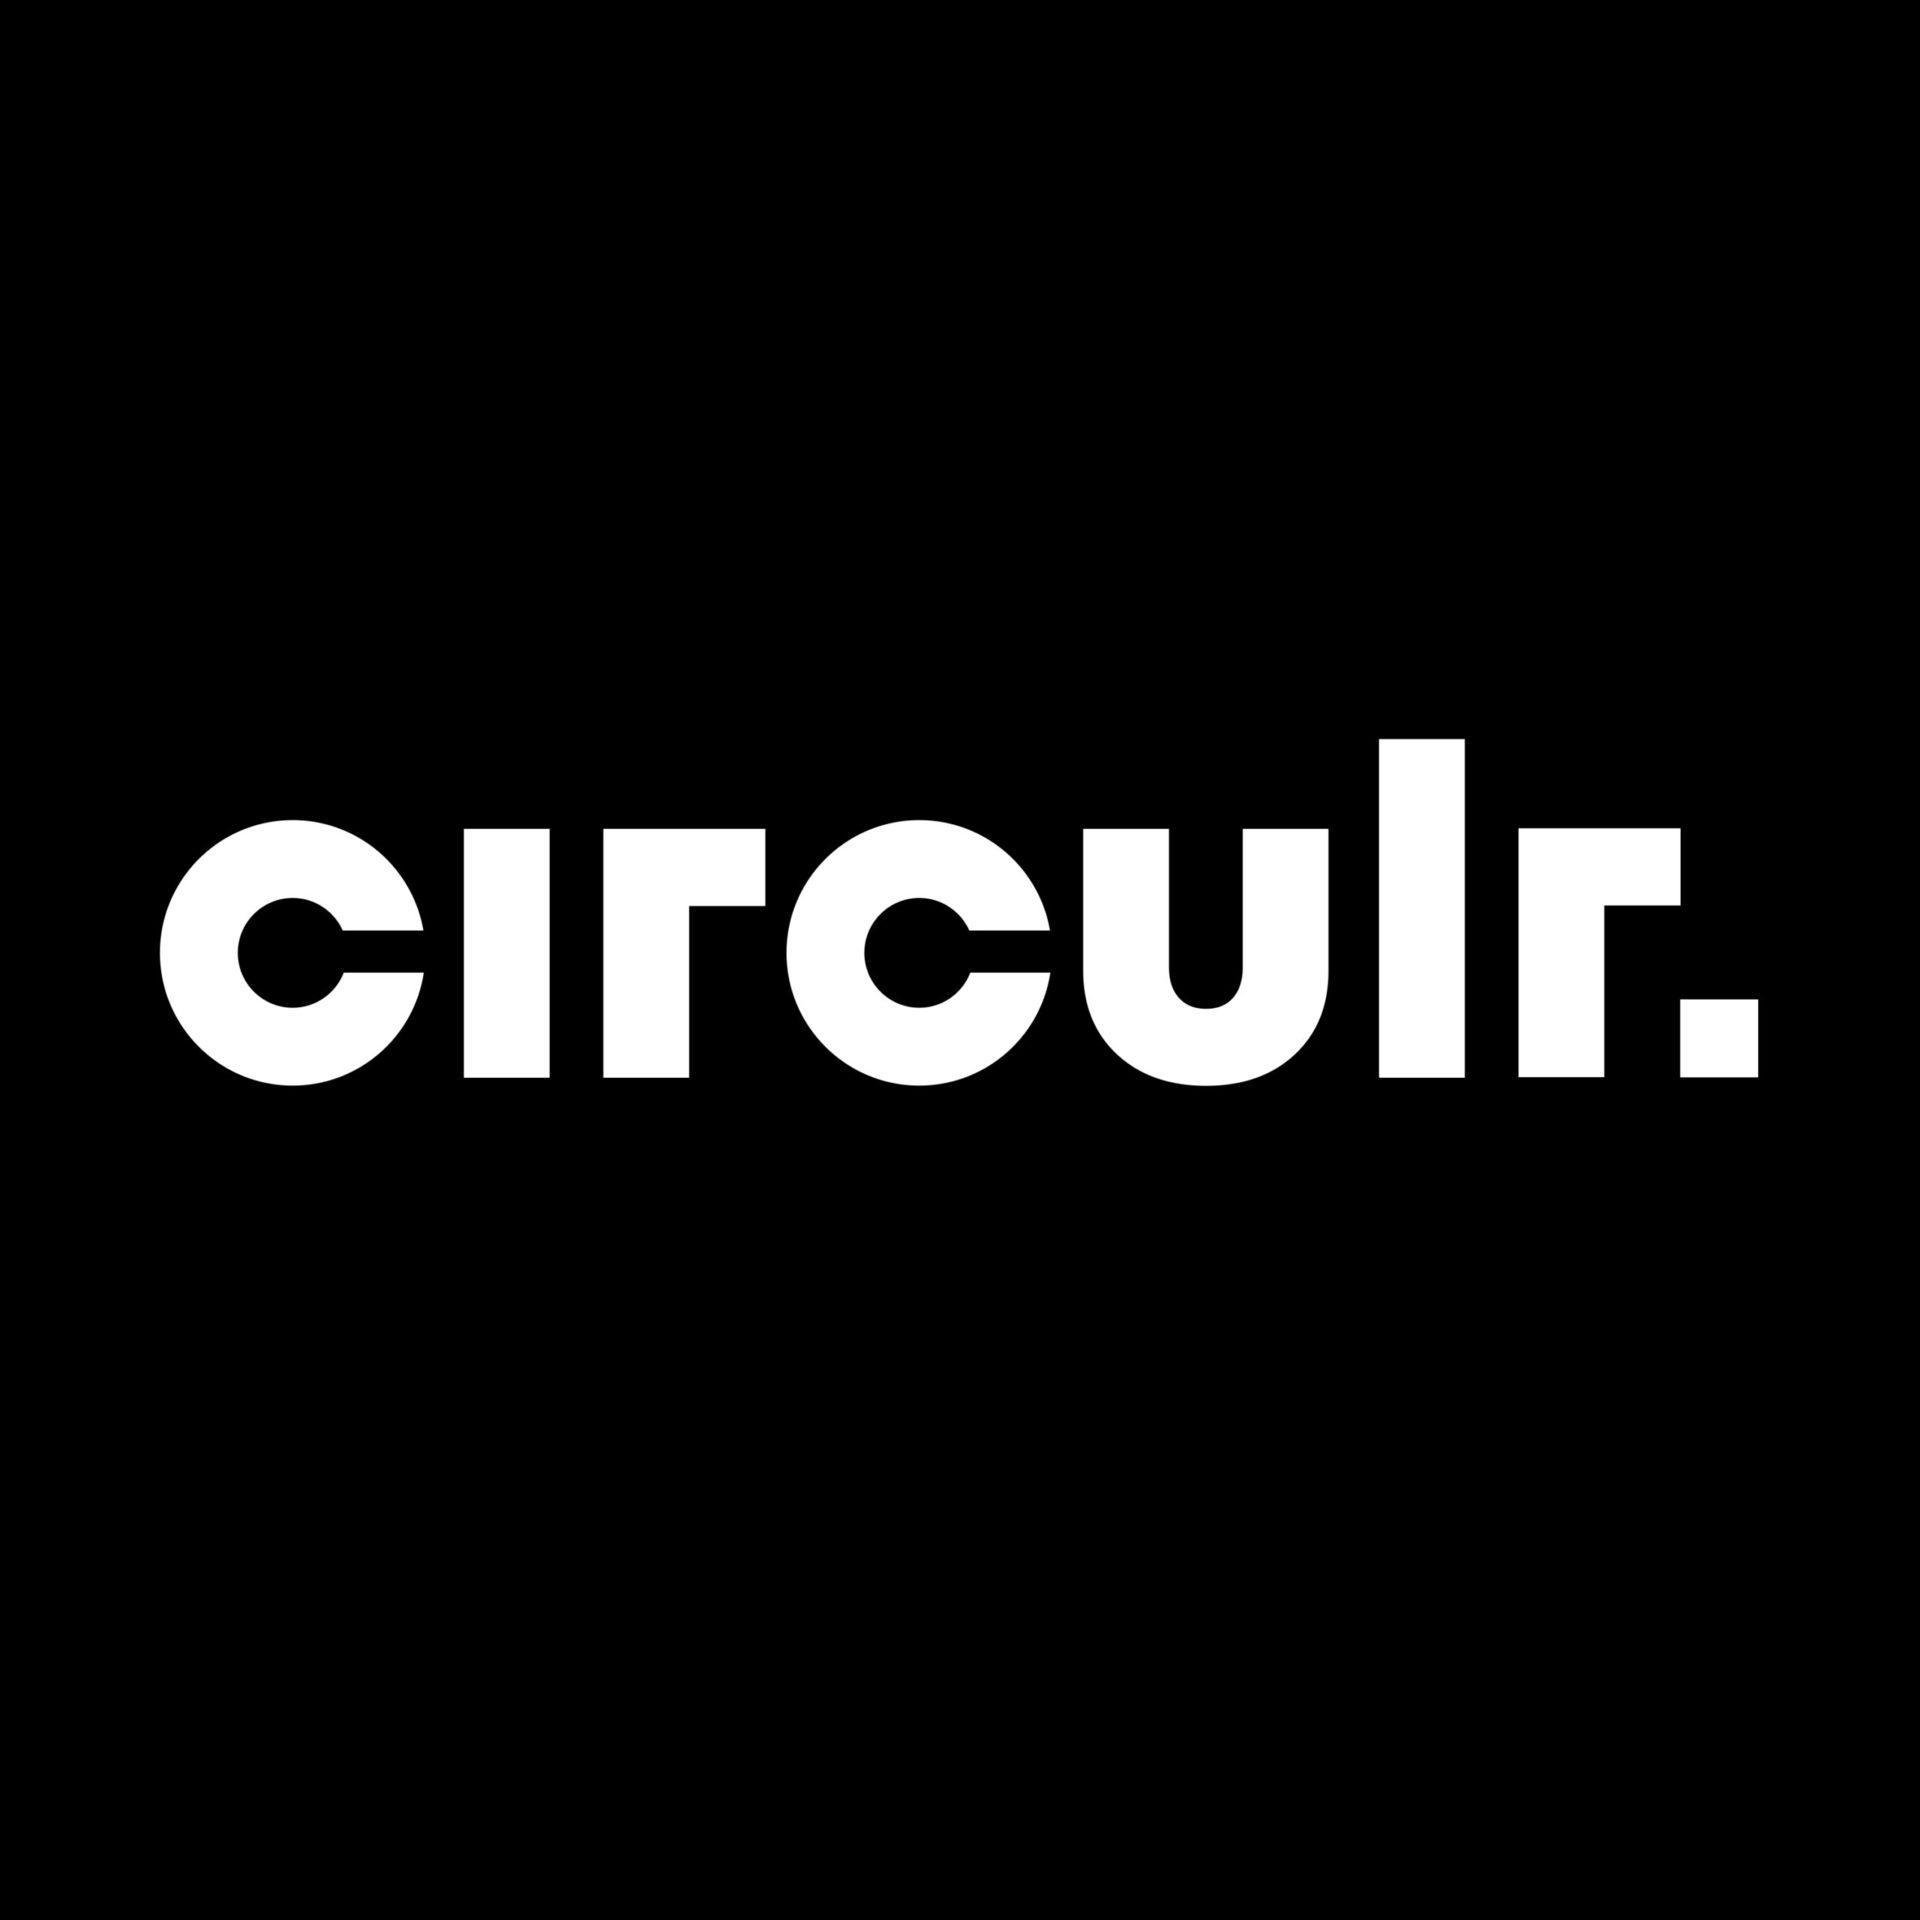 Circulr Sound Tech